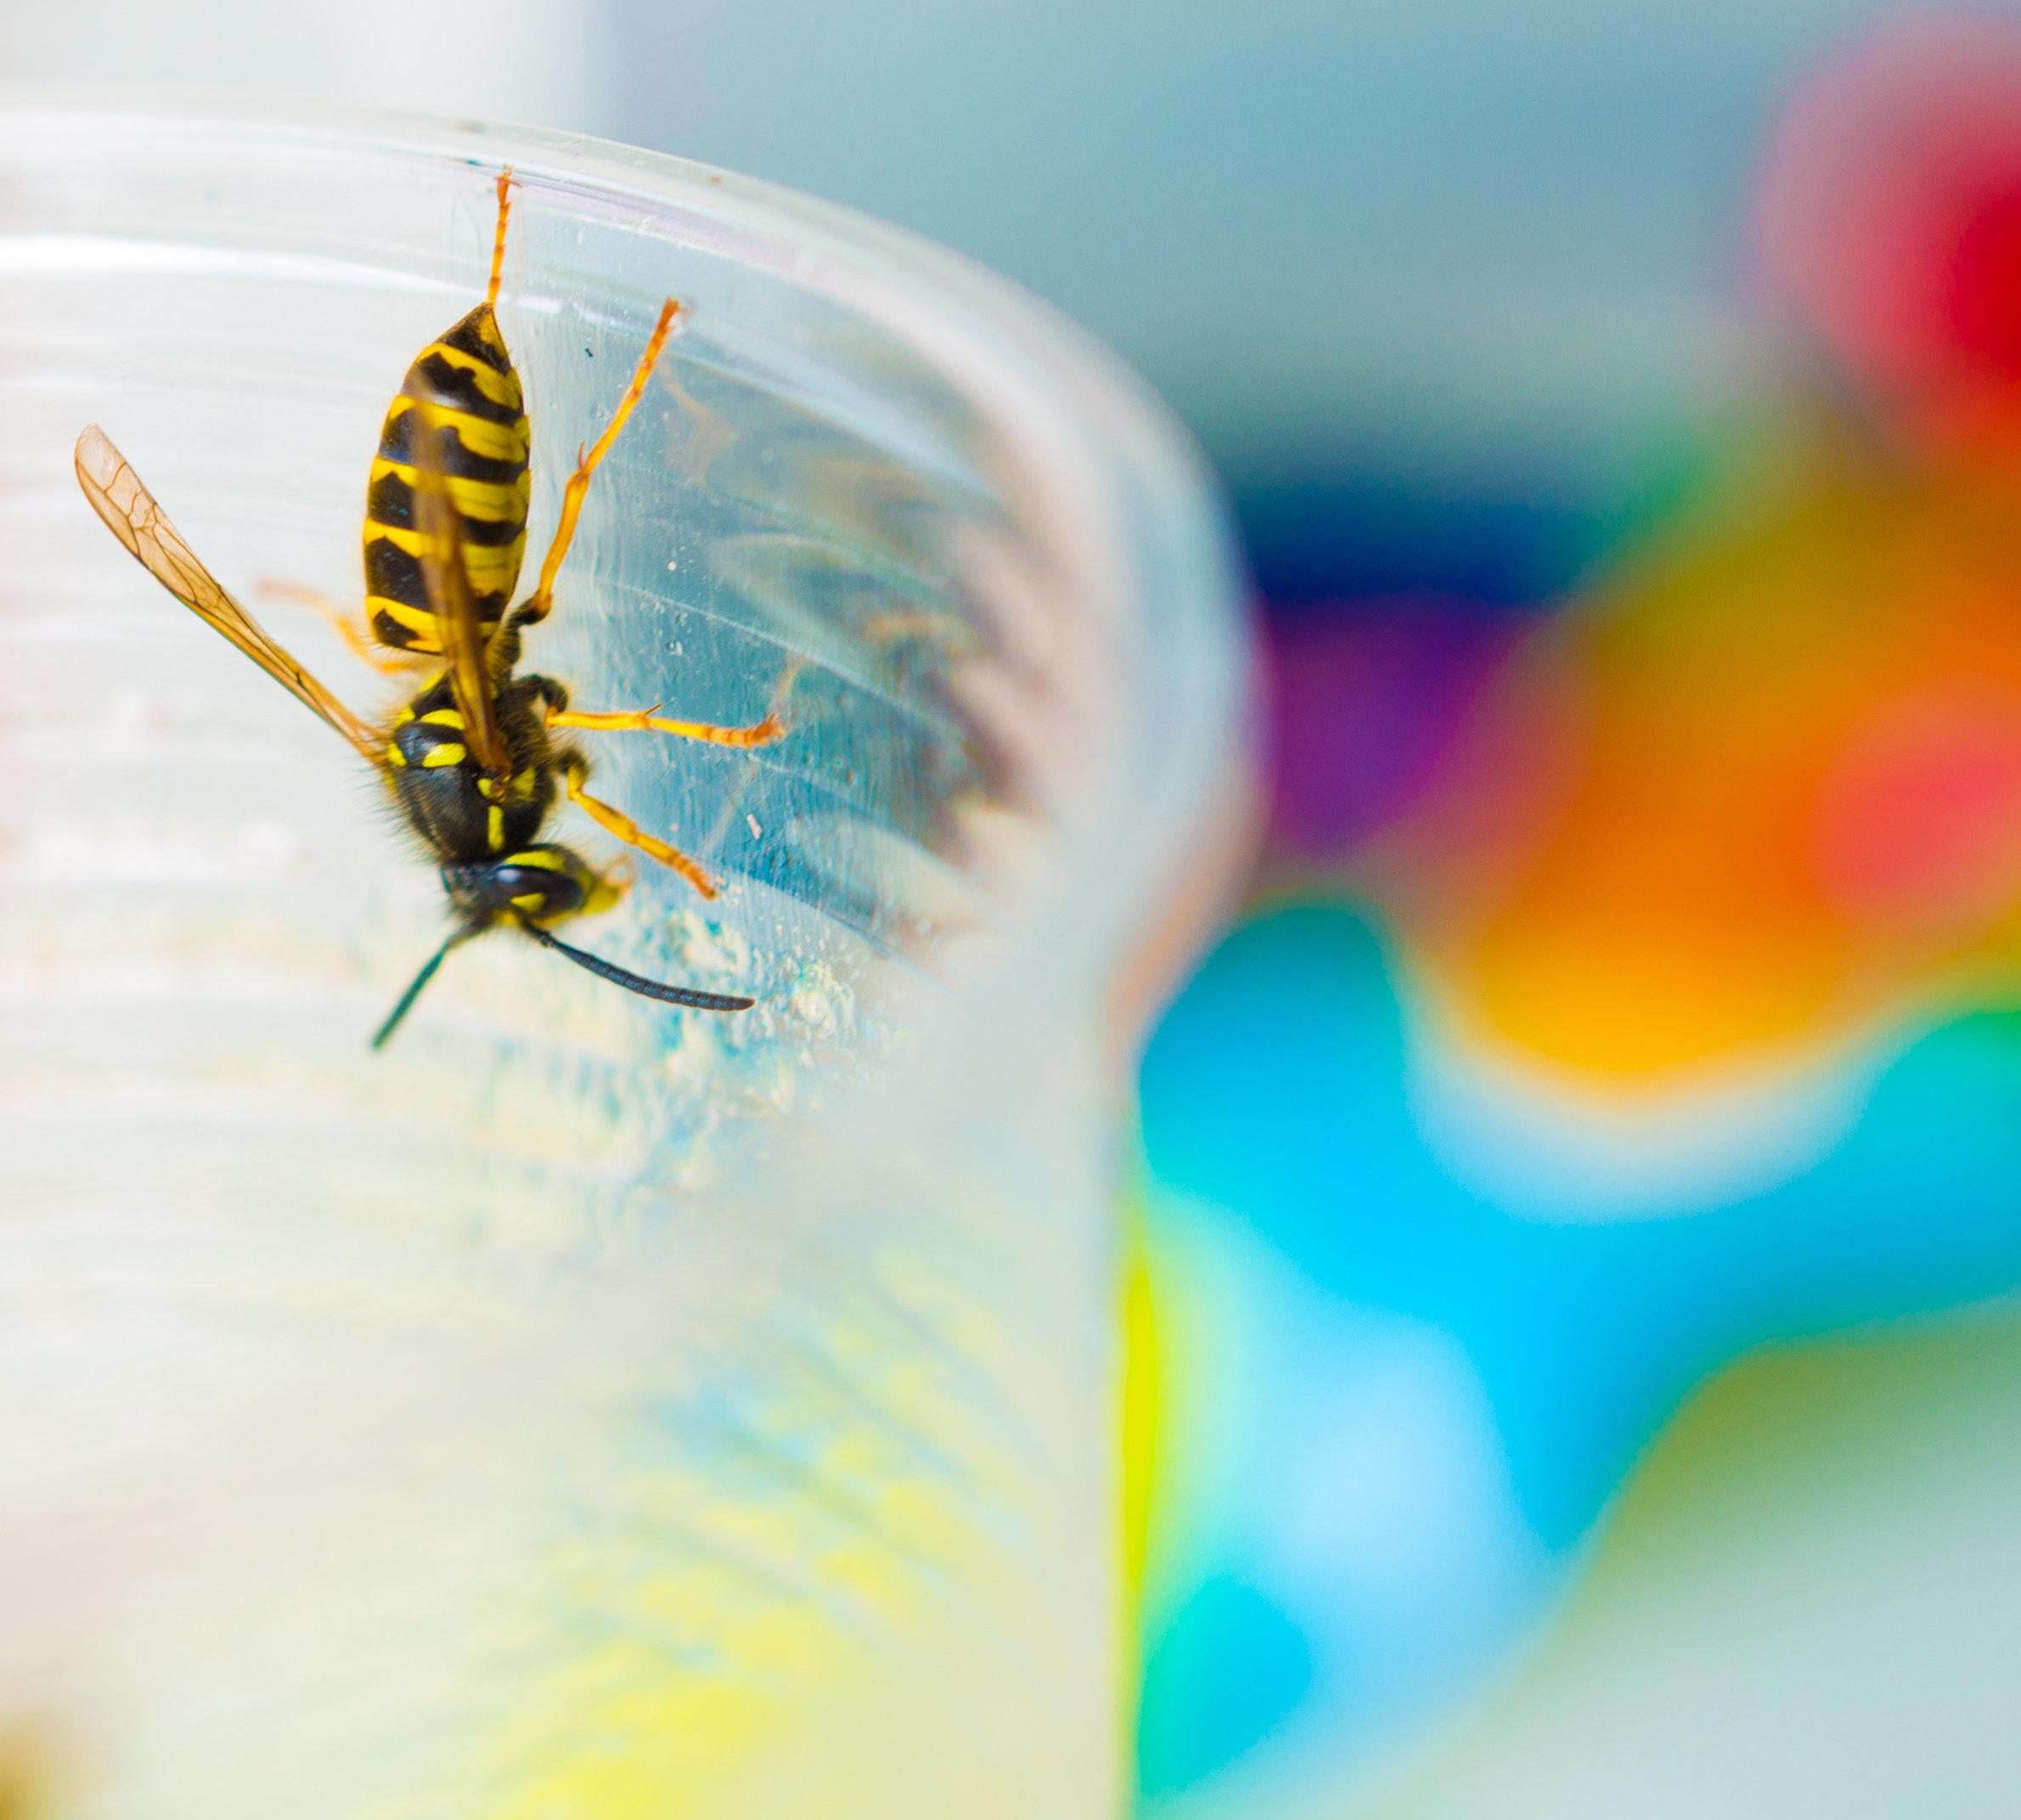 Hausmittel gegen Wespen: So vertreibt ihr die Insekten am effektivsten